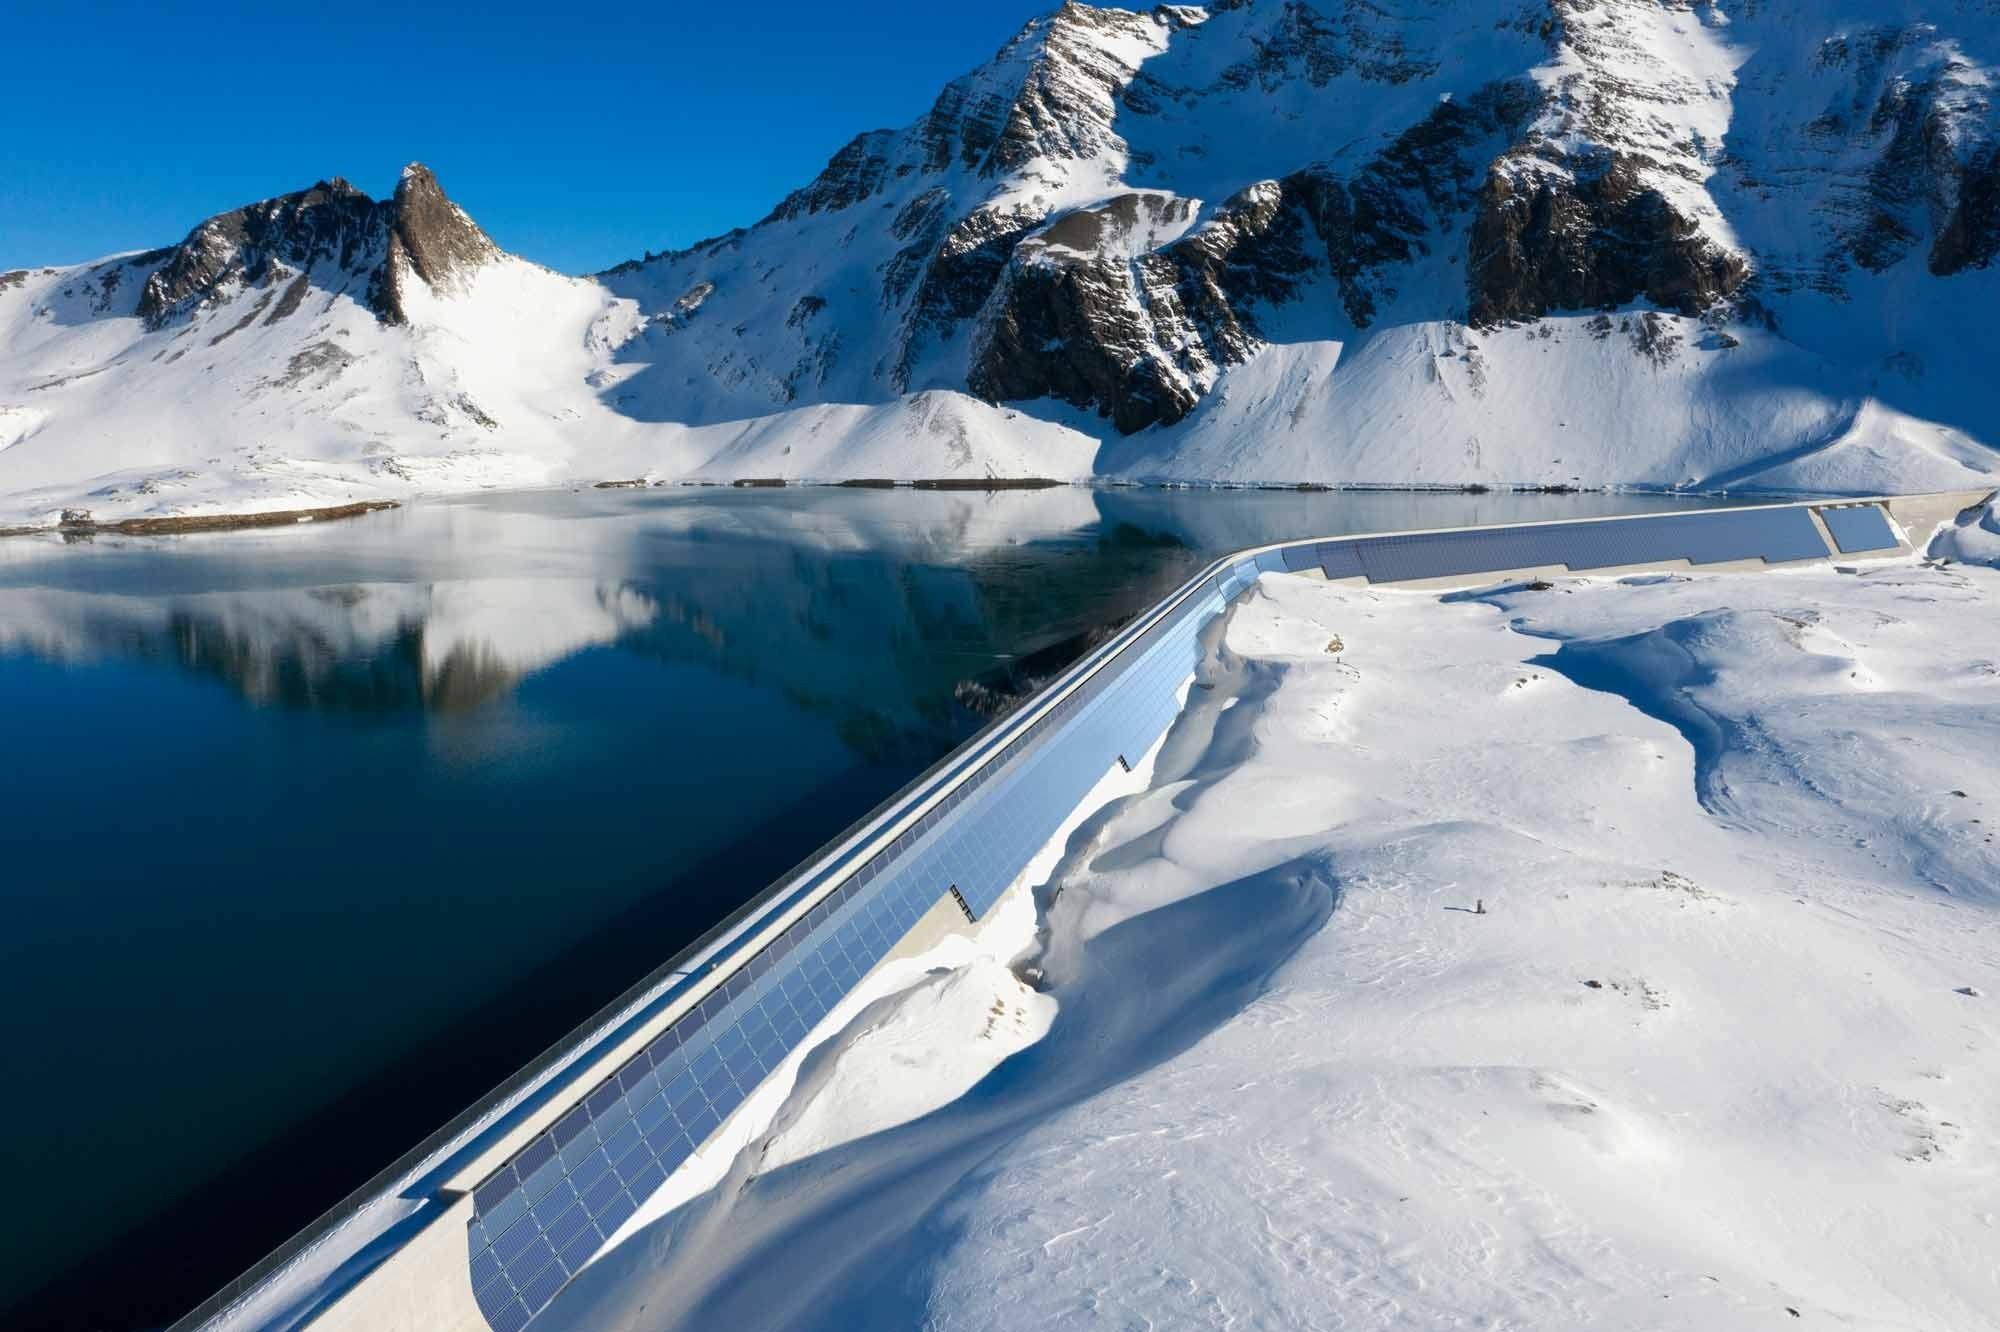 Solarkraftwerk AlpinSolar Muttsee-Staumauer